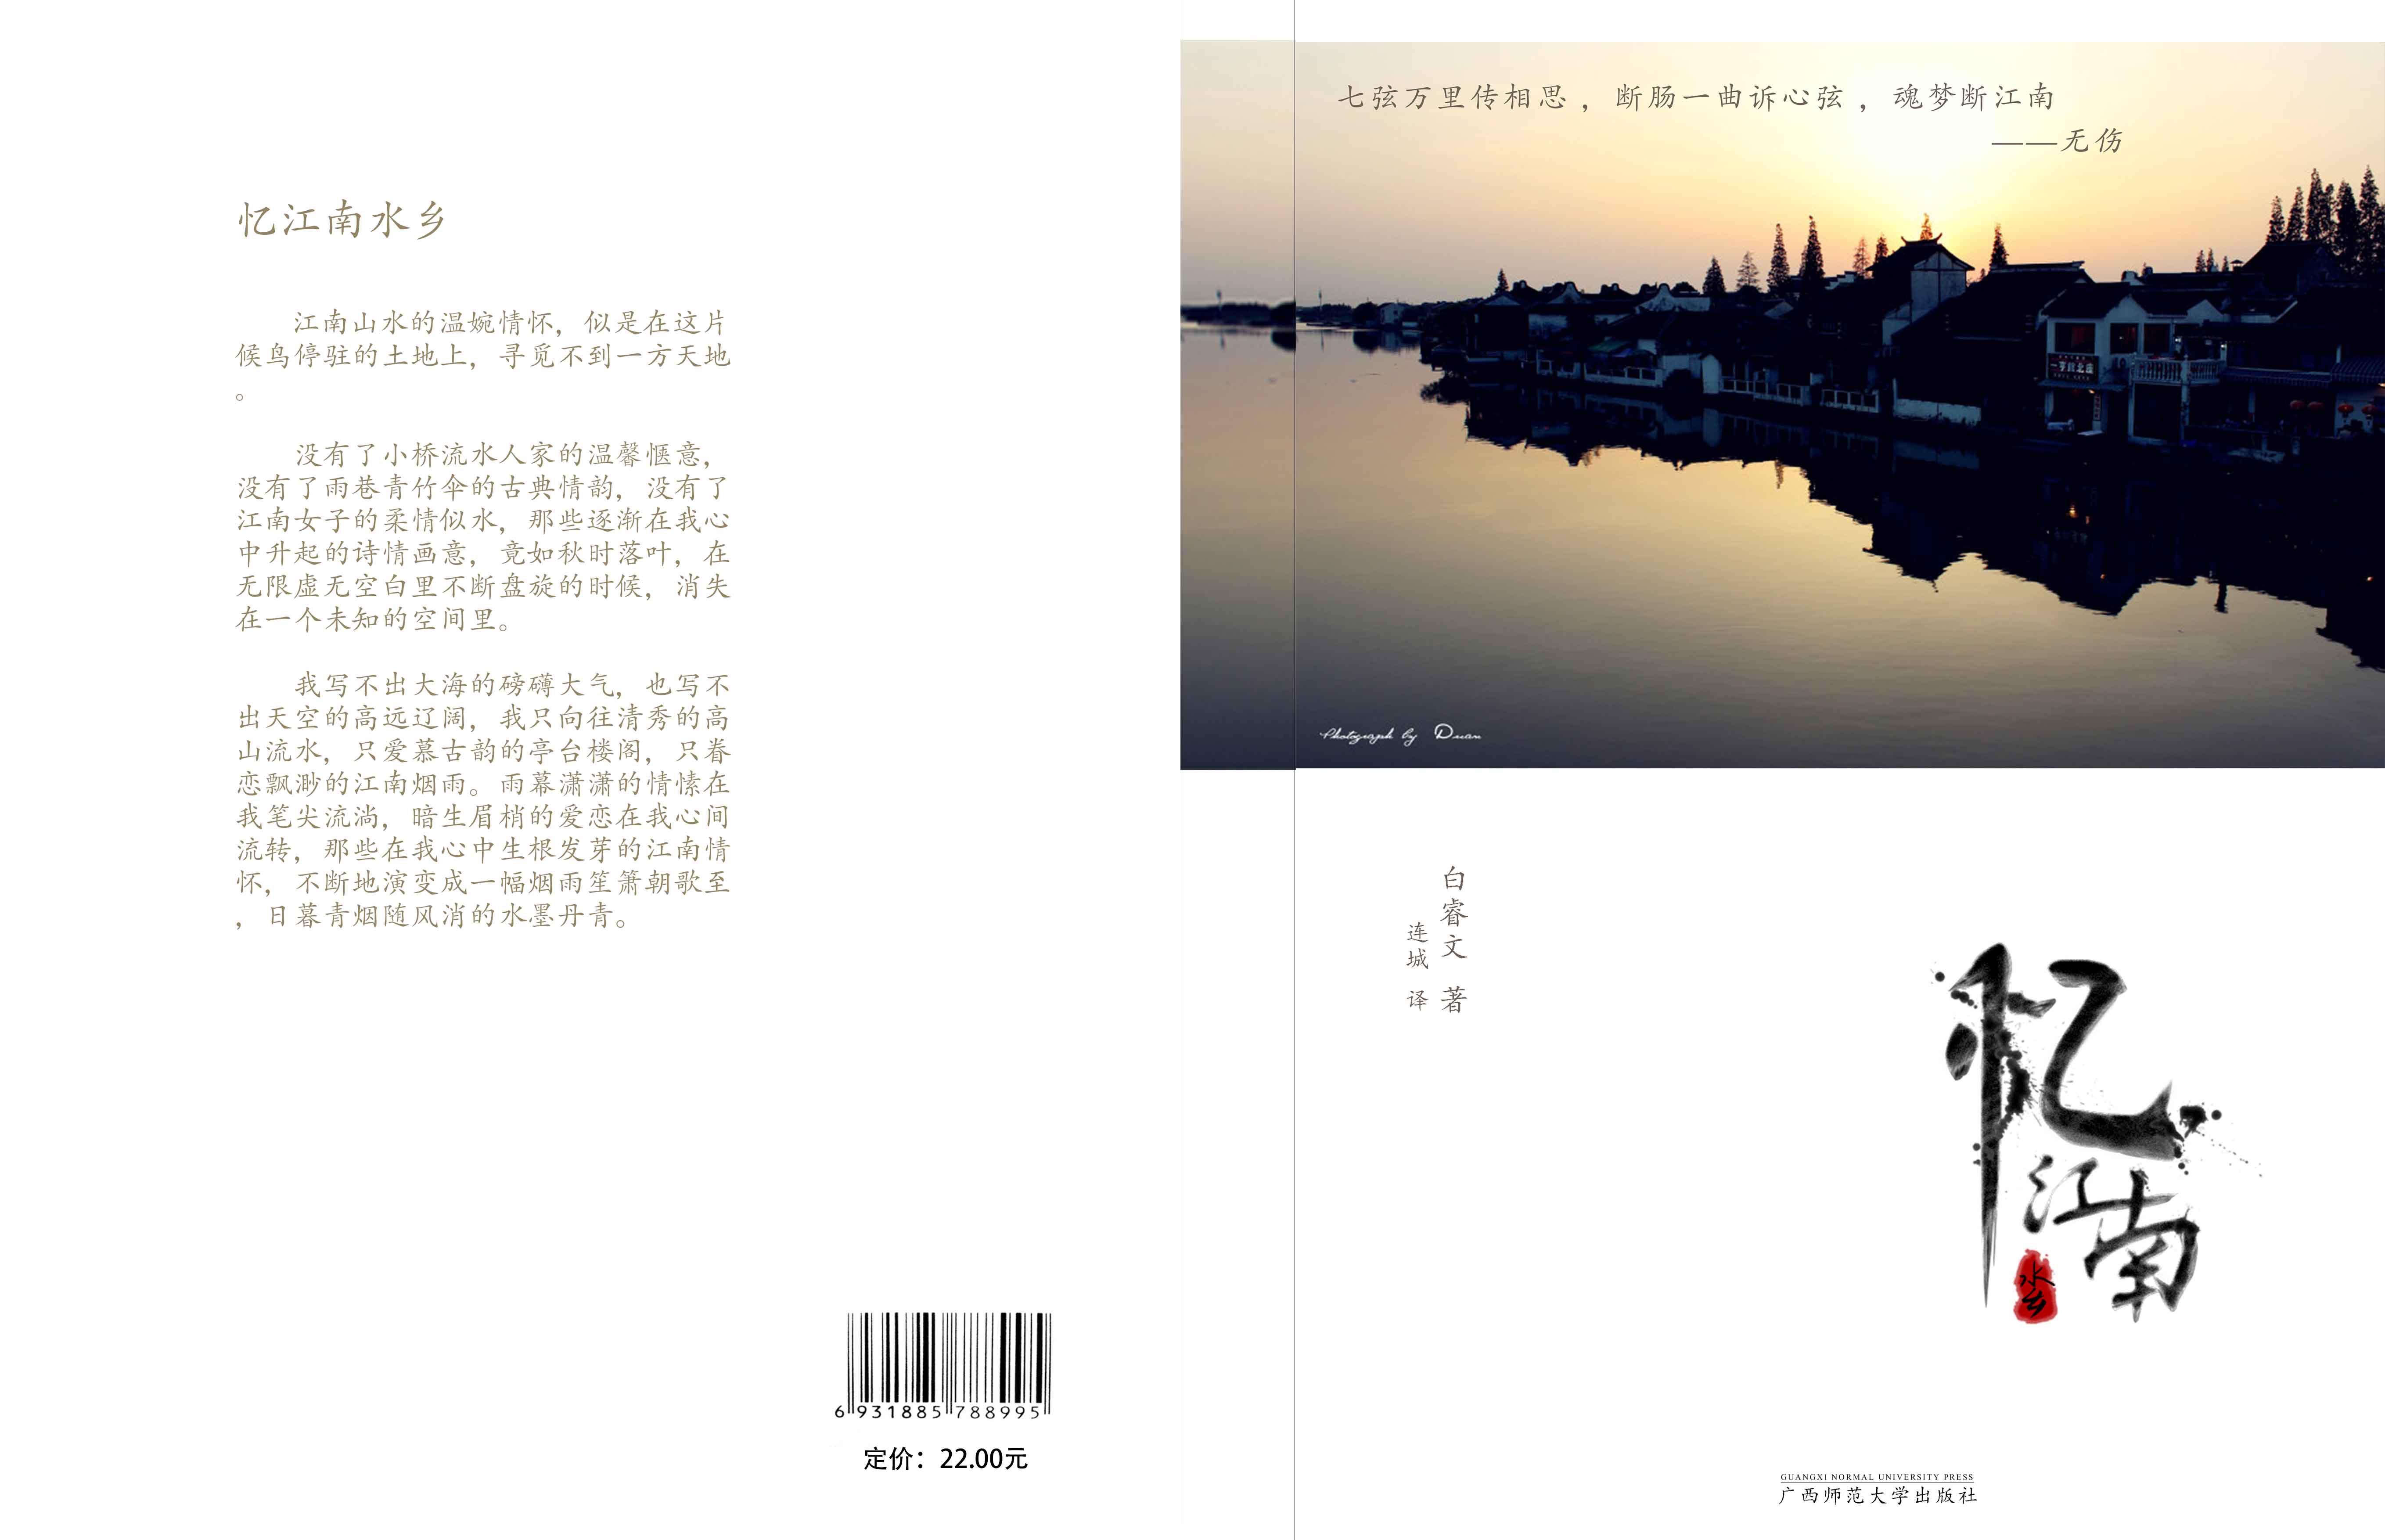 这是一本旅游文化的书籍设计,着重点在于排版较为新颖而不乏古典美感图片